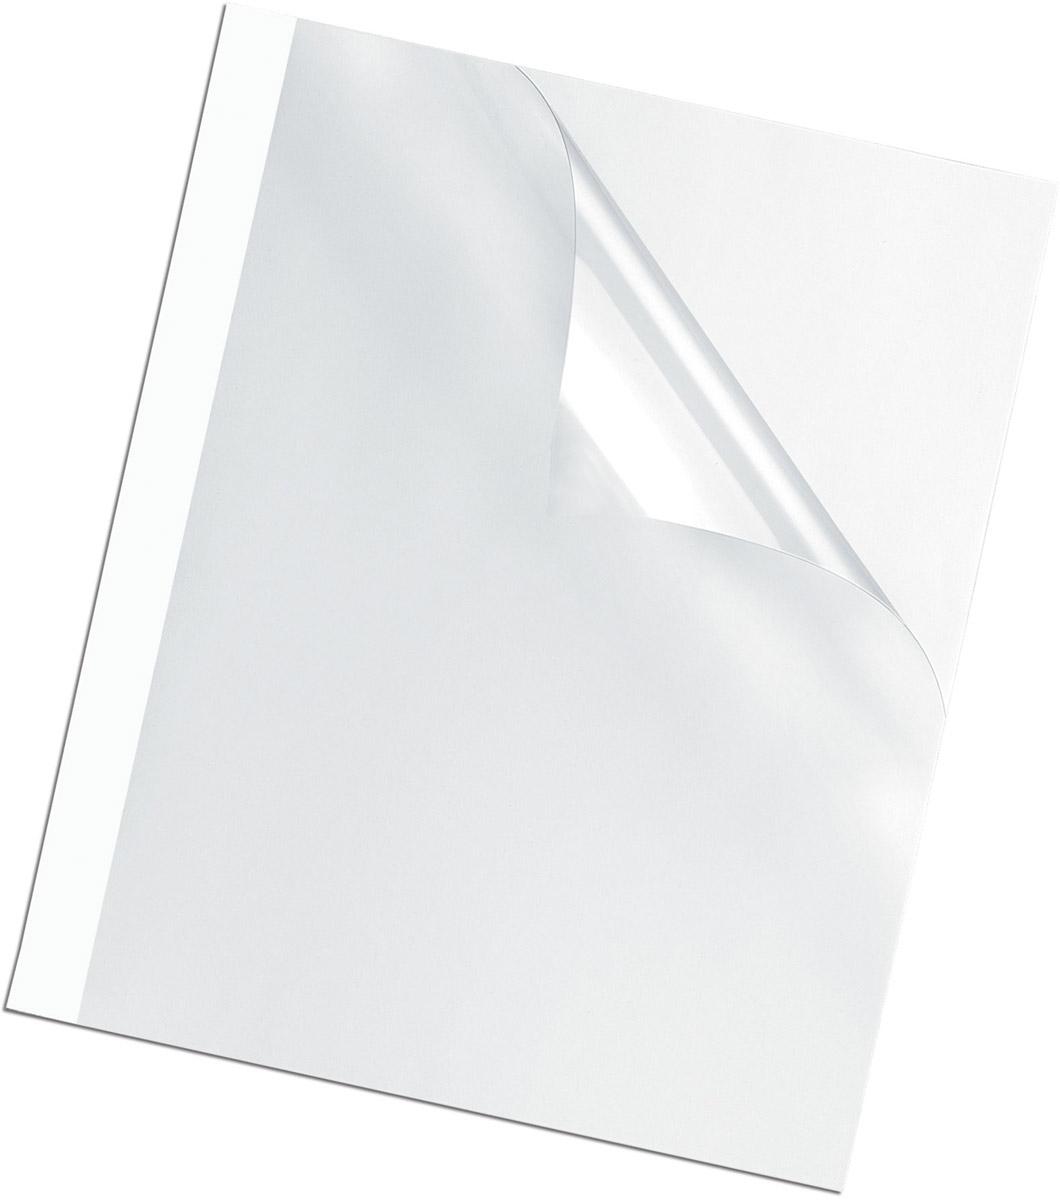 Fellowes A4 FS-53150 обложка для термопереплета, 12 мм (100 шт)FS-53150Обложка для термопереплета предназначена для оформления документов. Верх обложки – прозрачный PVC (150мкм), низ – глянцевый картон (220гр/кв.м). 100шт. в розничной упаковке.